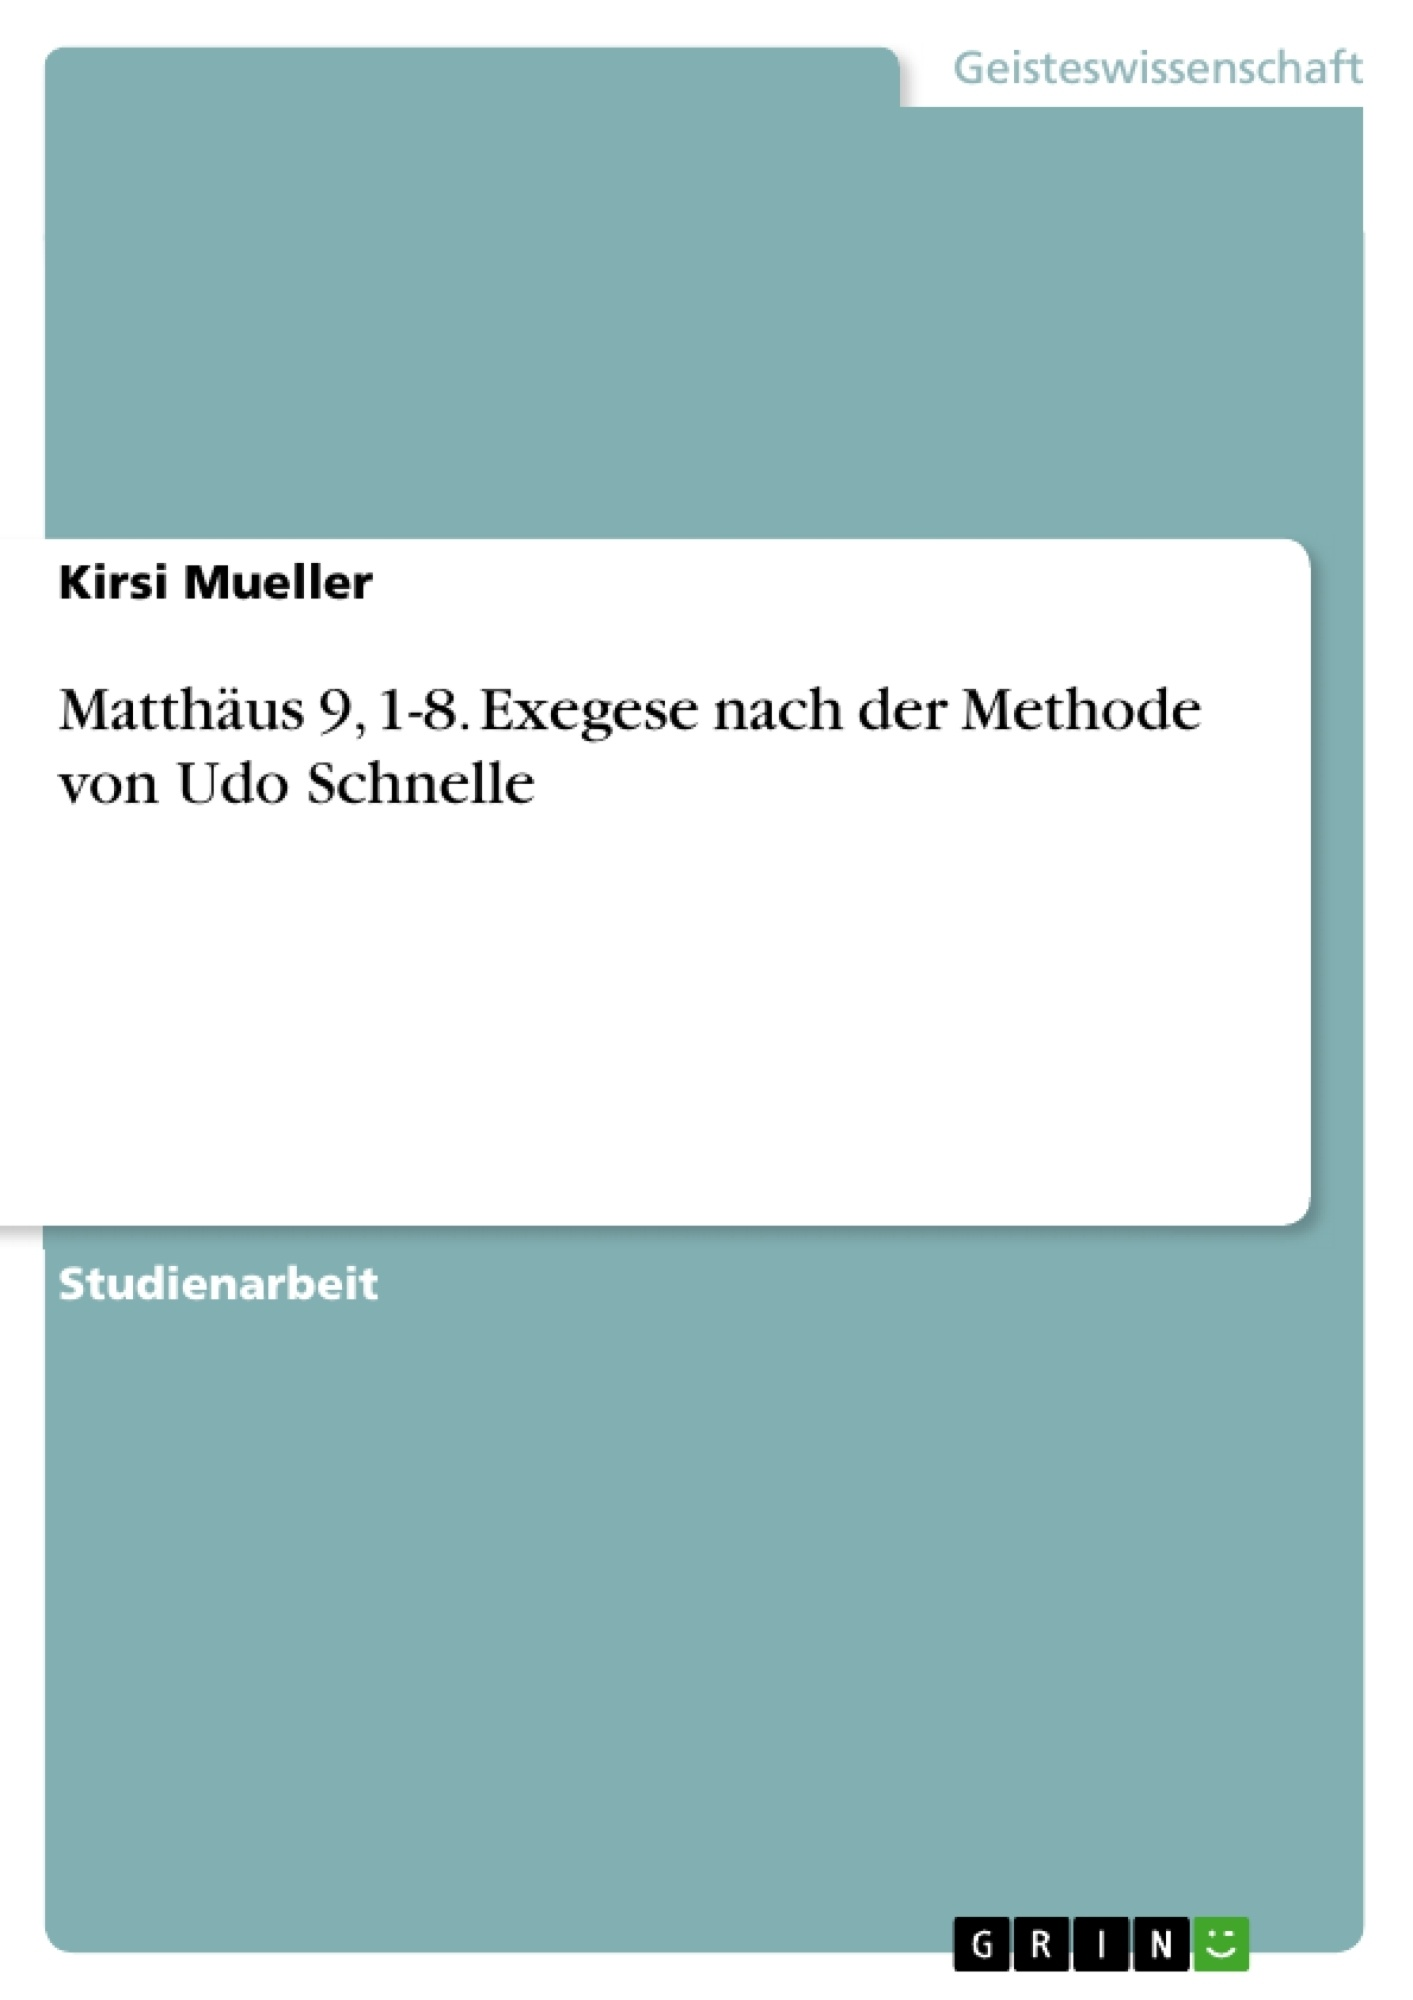 Titel: Matthäus 9, 1-8. Exegese nach der Methode von Udo Schnelle